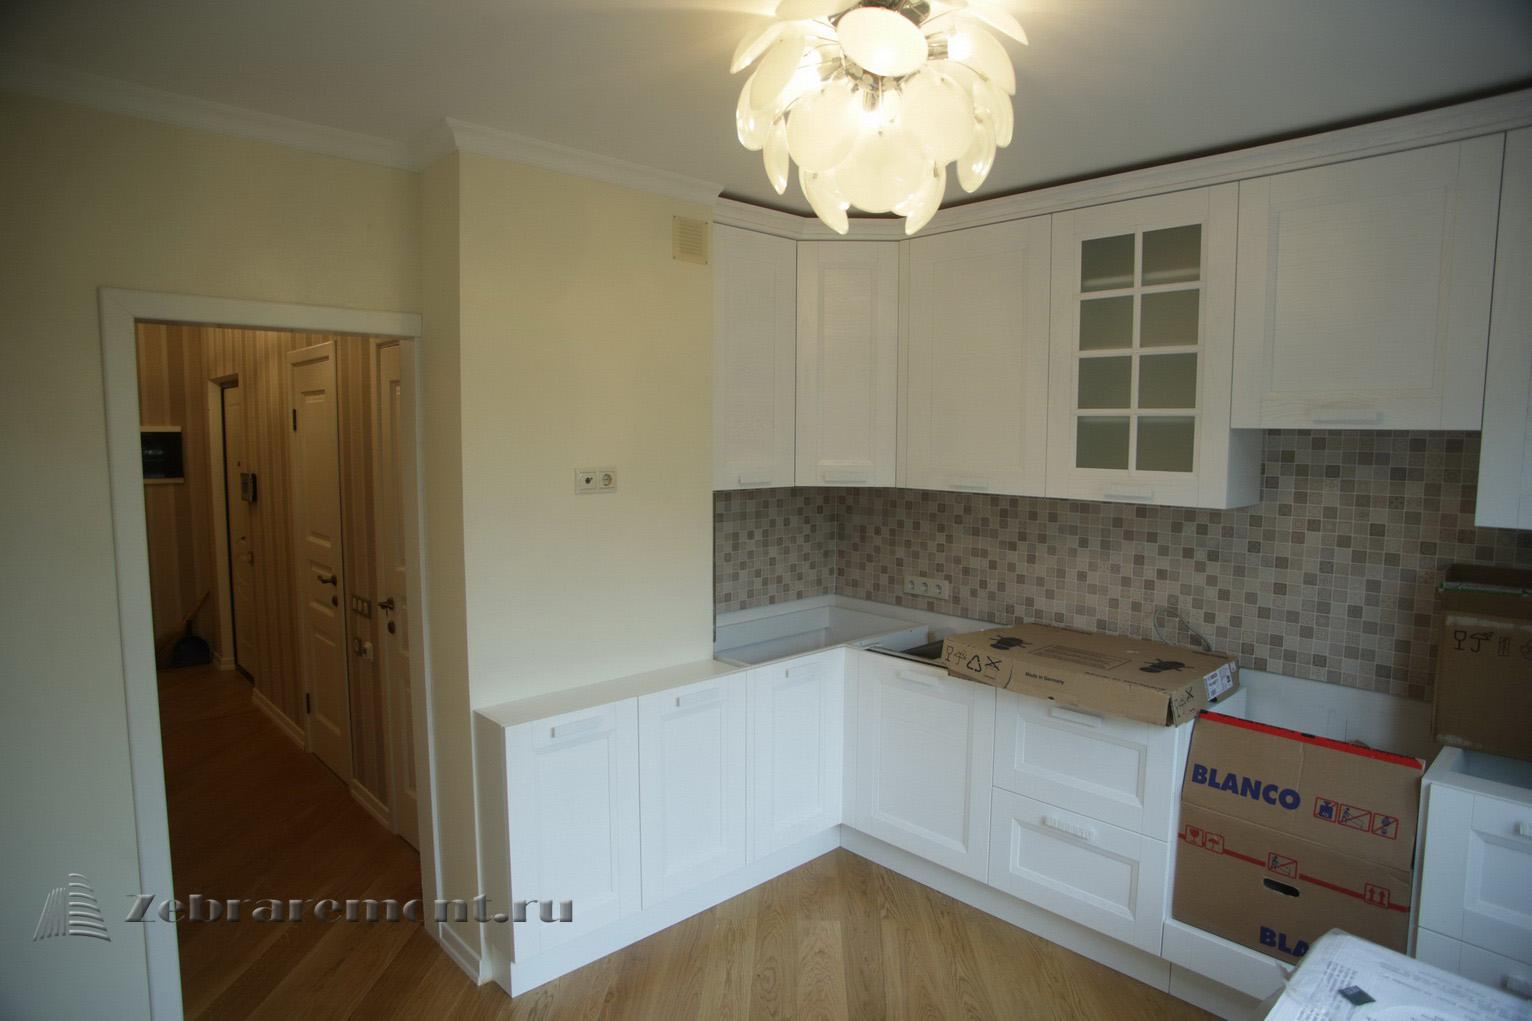 Отделка квартир под ключ в Красногорске, цены на